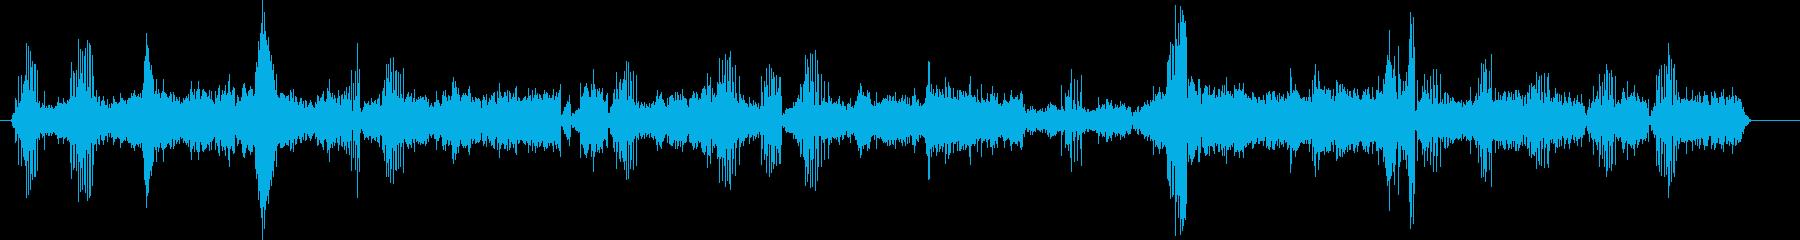 クジラ、灰色の呼び出し。複数の低音...の再生済みの波形